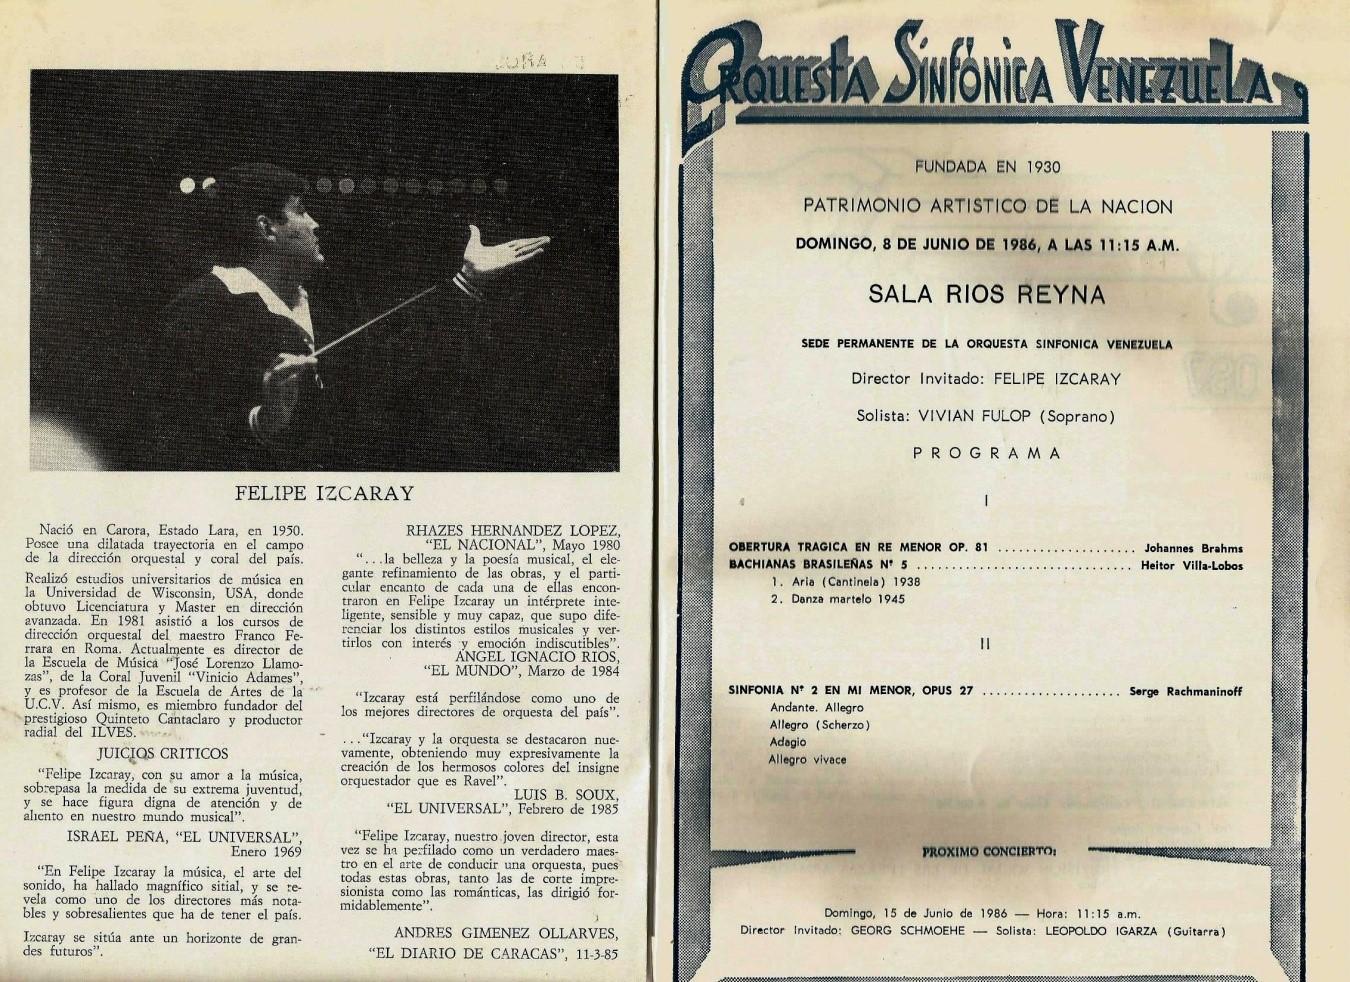 Programa de mano del 8 de Junio de 1986